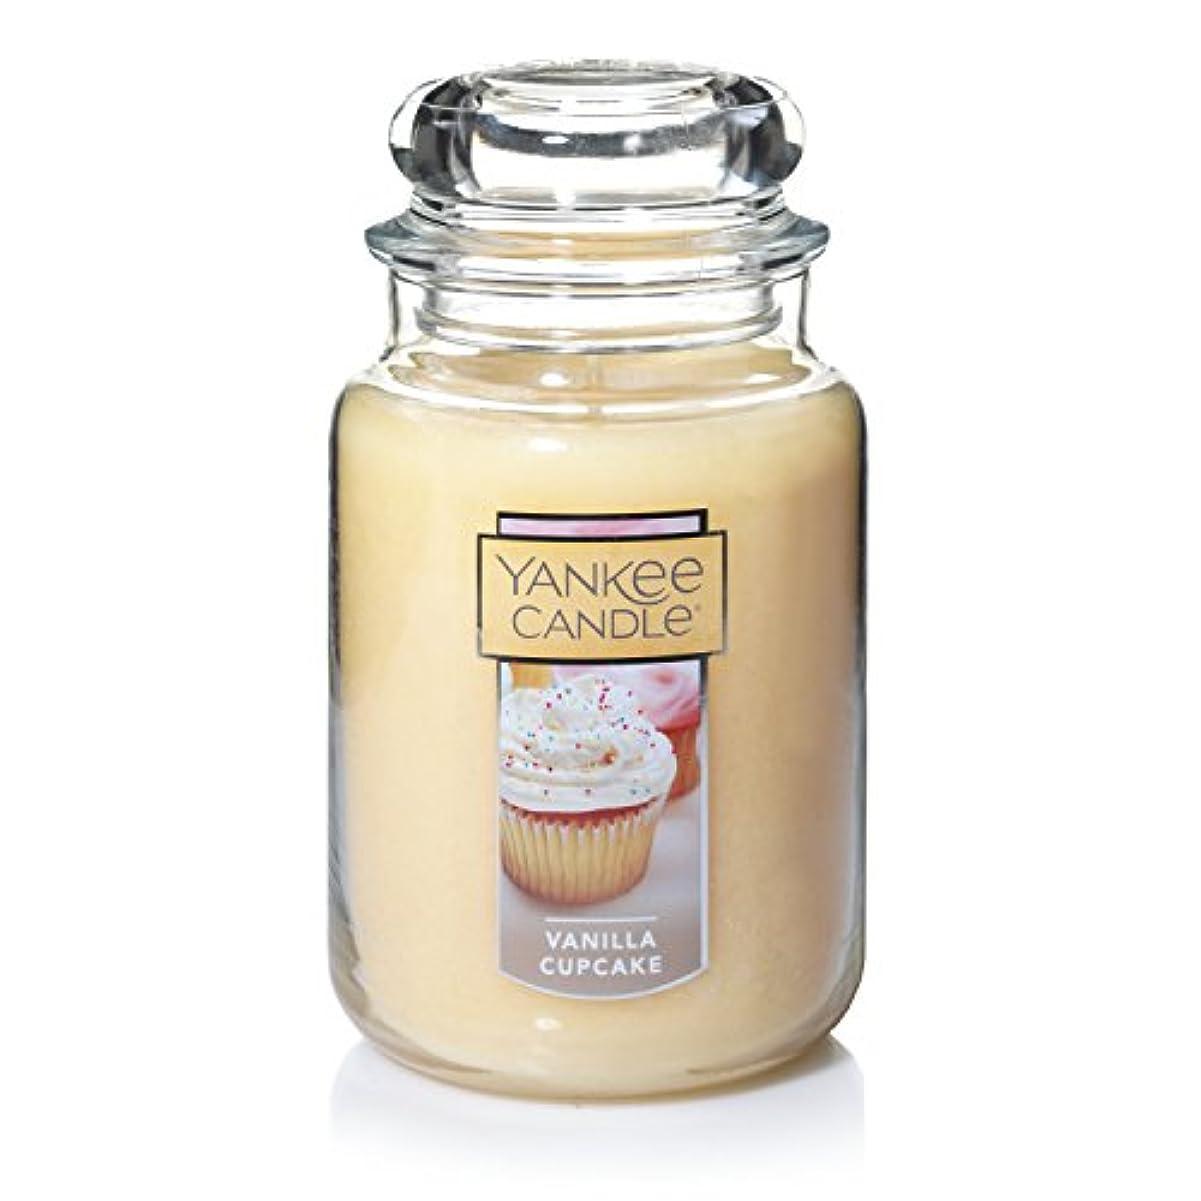 スプレーボーカルケージYankee Candle Company Vanilla Cupcake Large Jar Candle by Yankee Candle